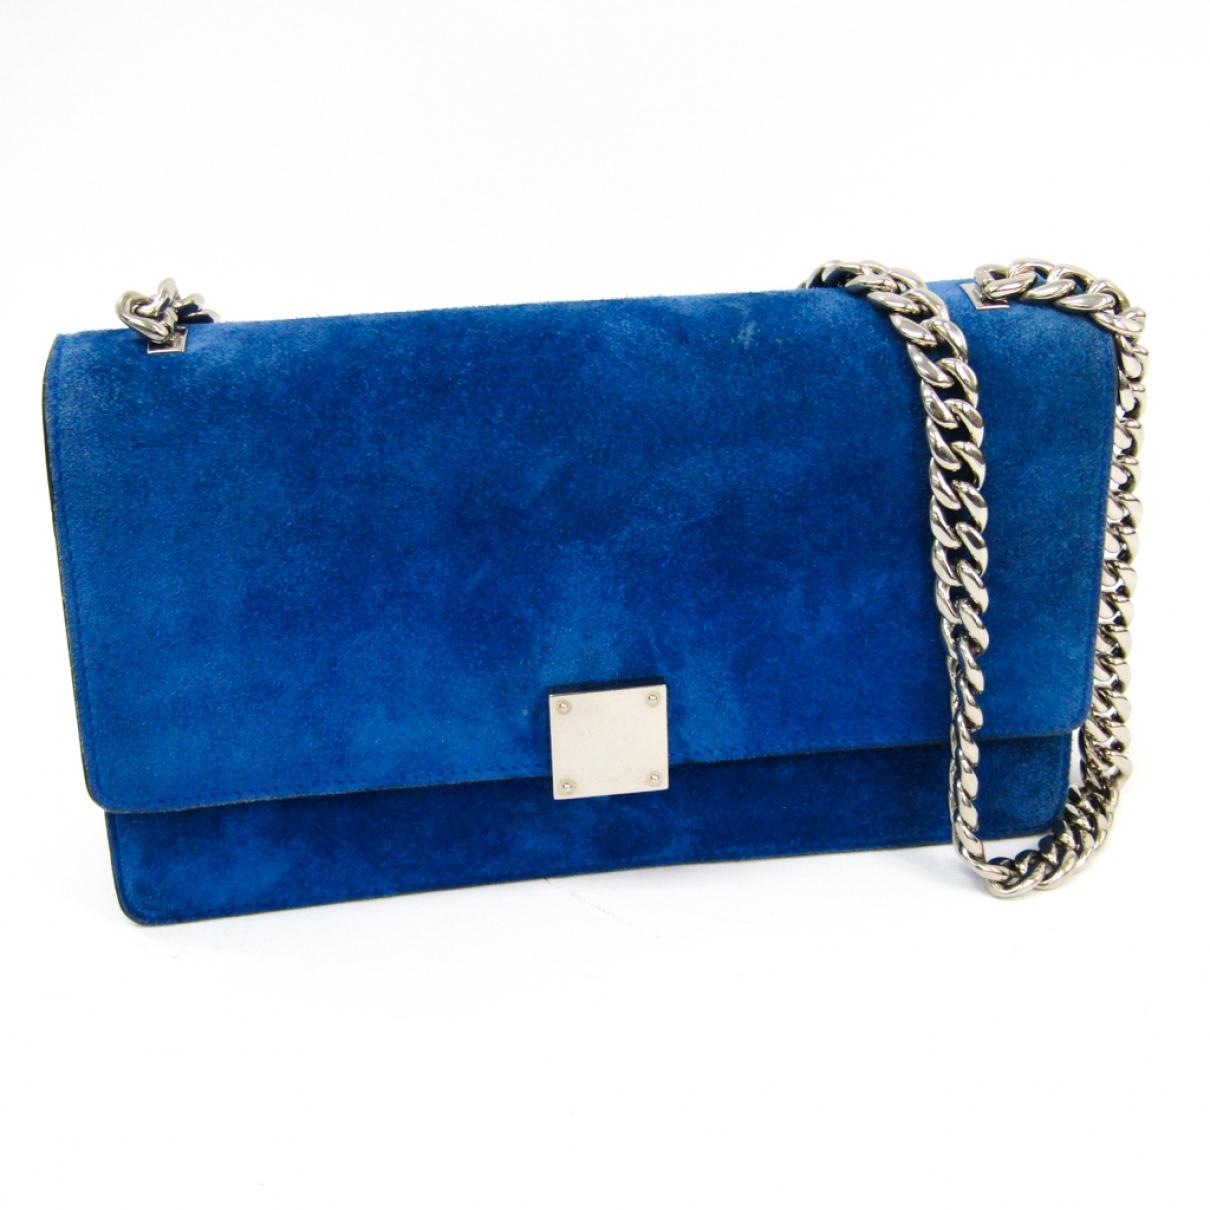 Celine \N Blue Suede handbag for Women \N